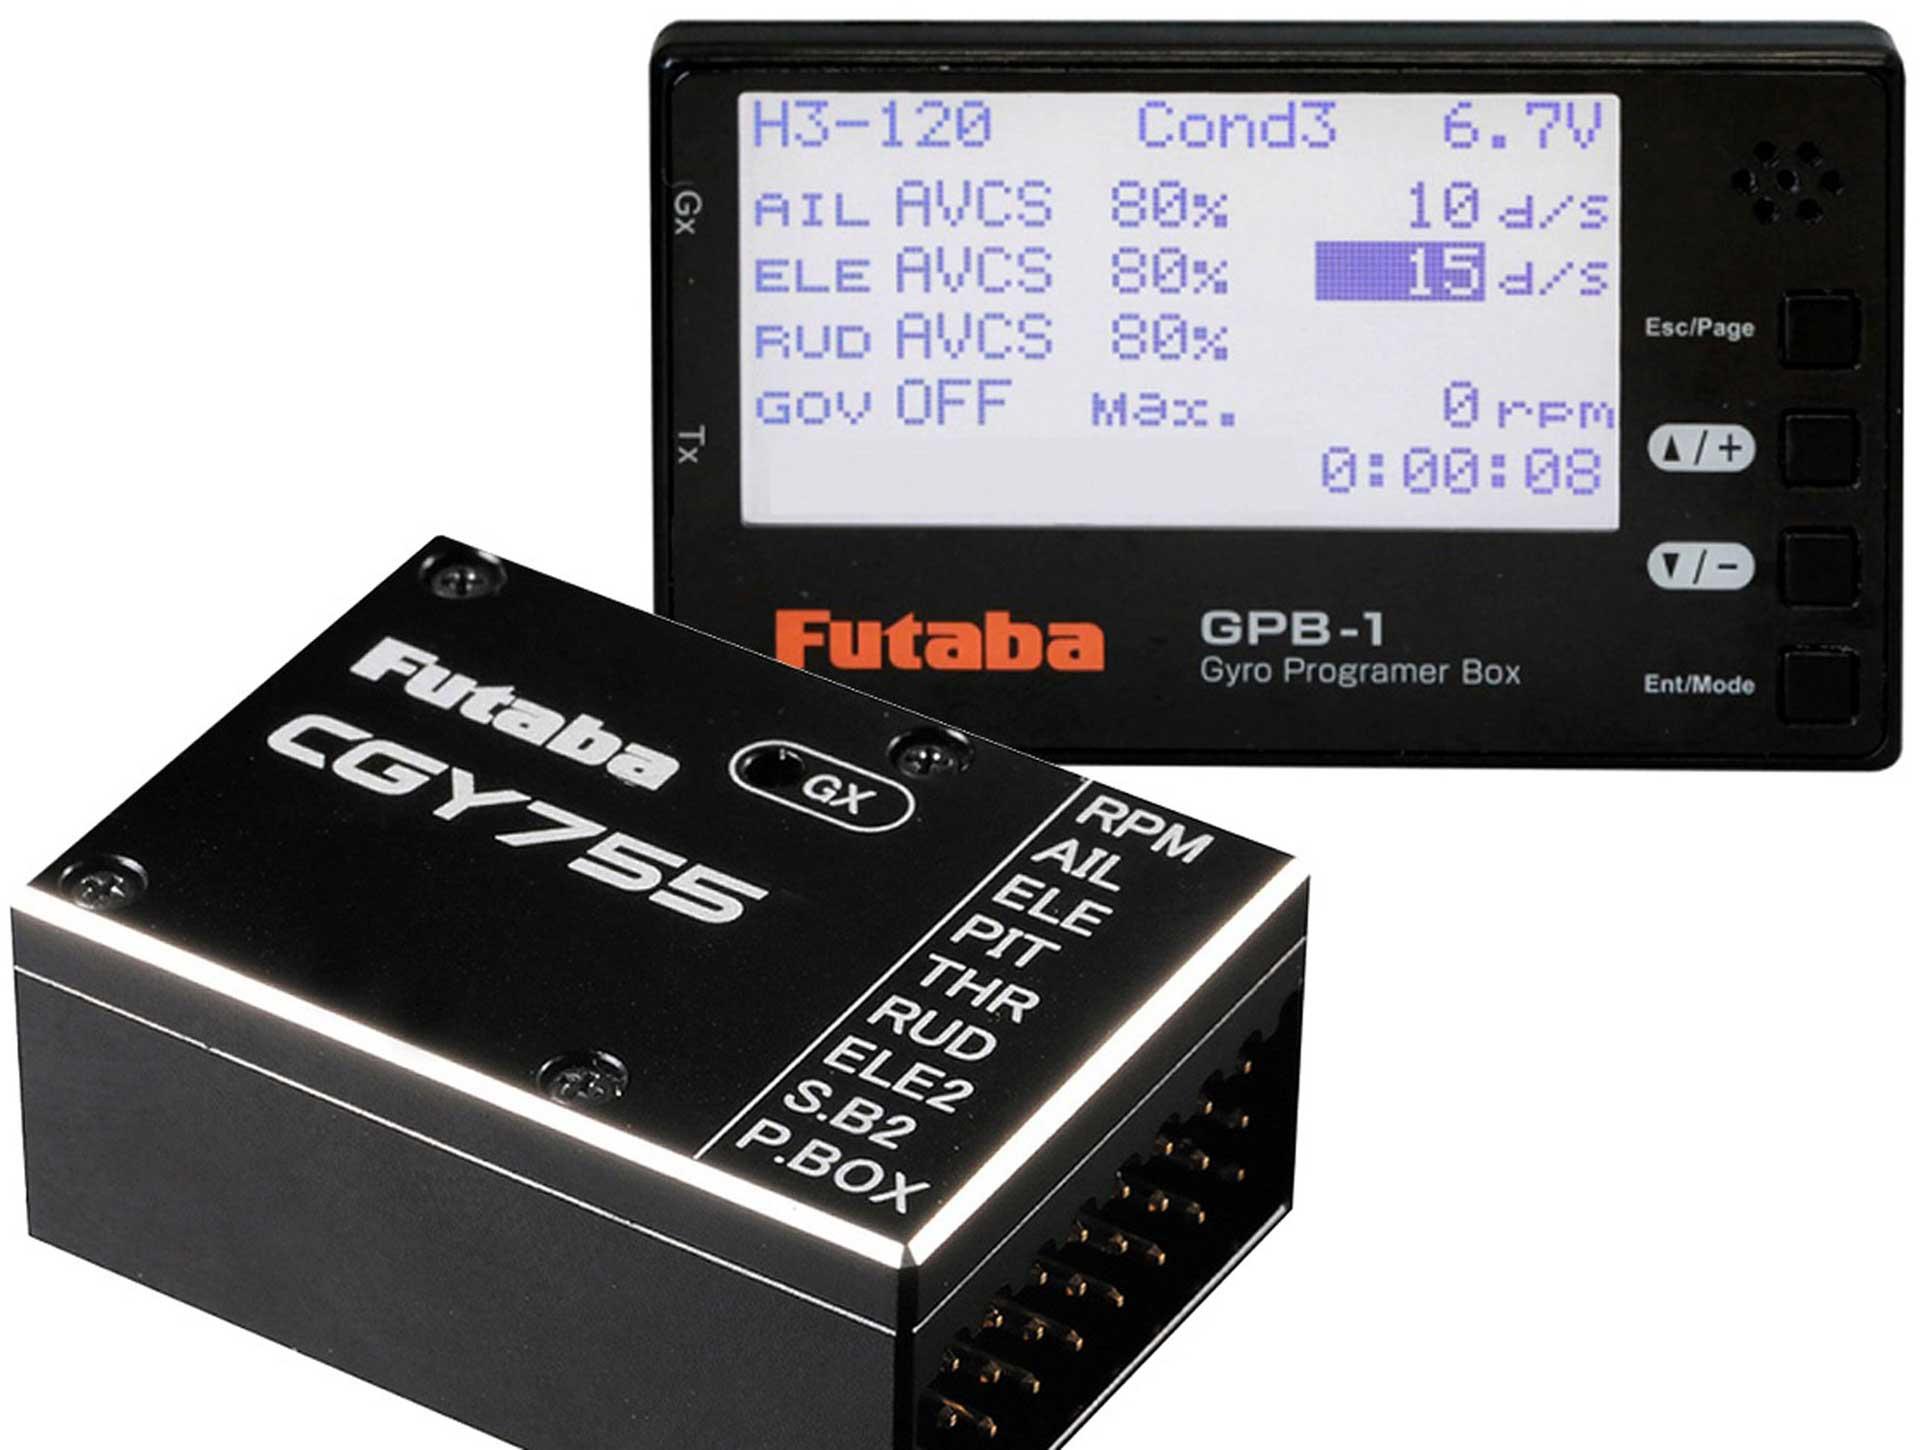 FUTABA Heli 3D/F3C-Kreisel CGY755 mit GPB-1